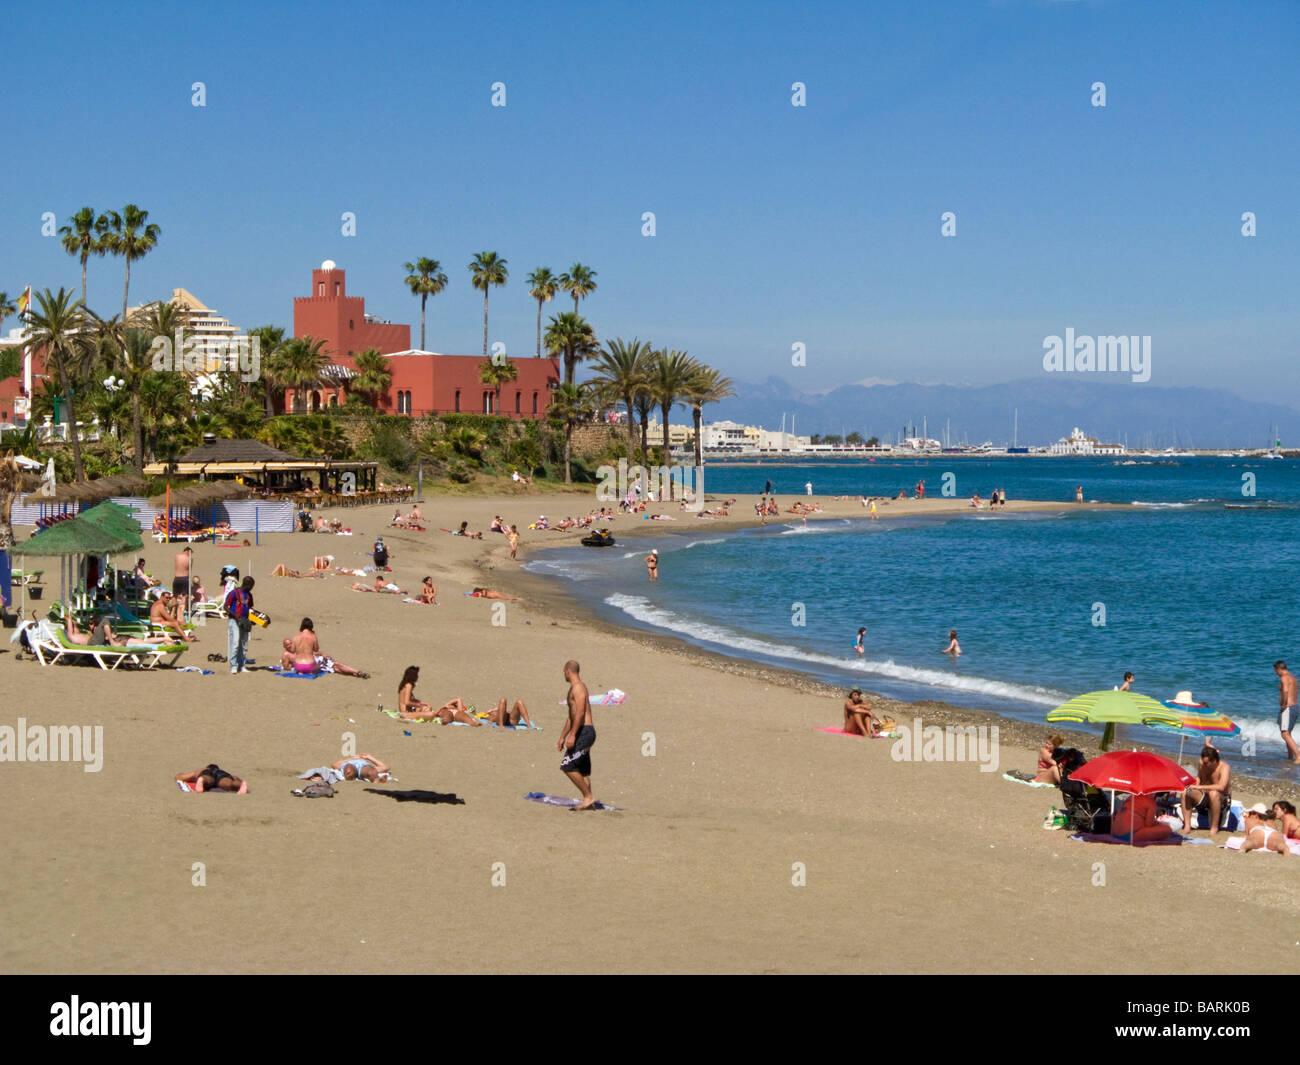 Benalmadena Beach Castillo Bil Bil Costa del Sol Spain - Stock Image